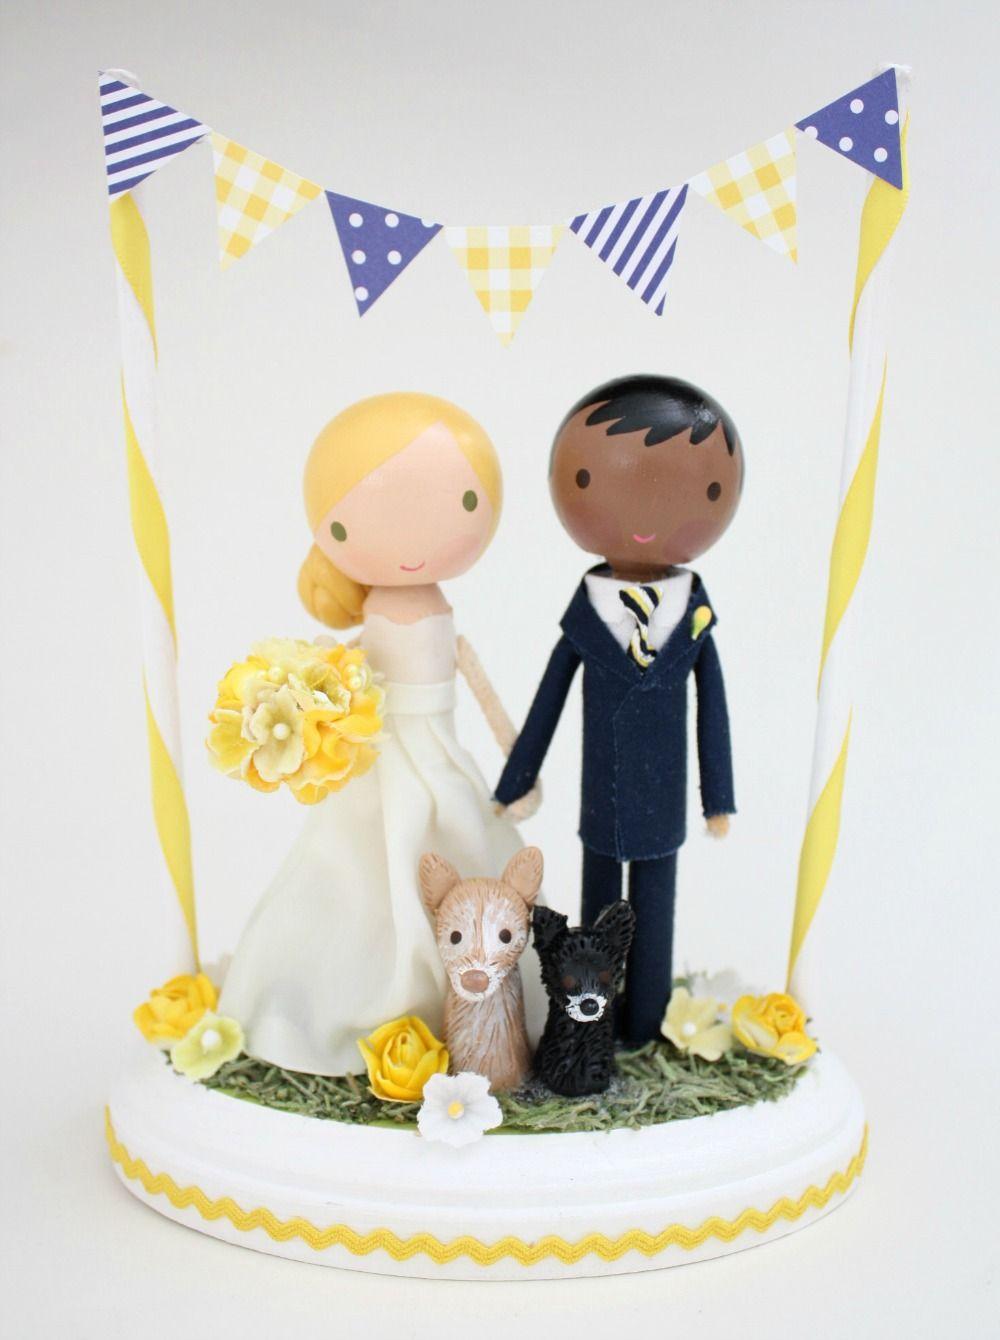 Our custom wedding cake topper